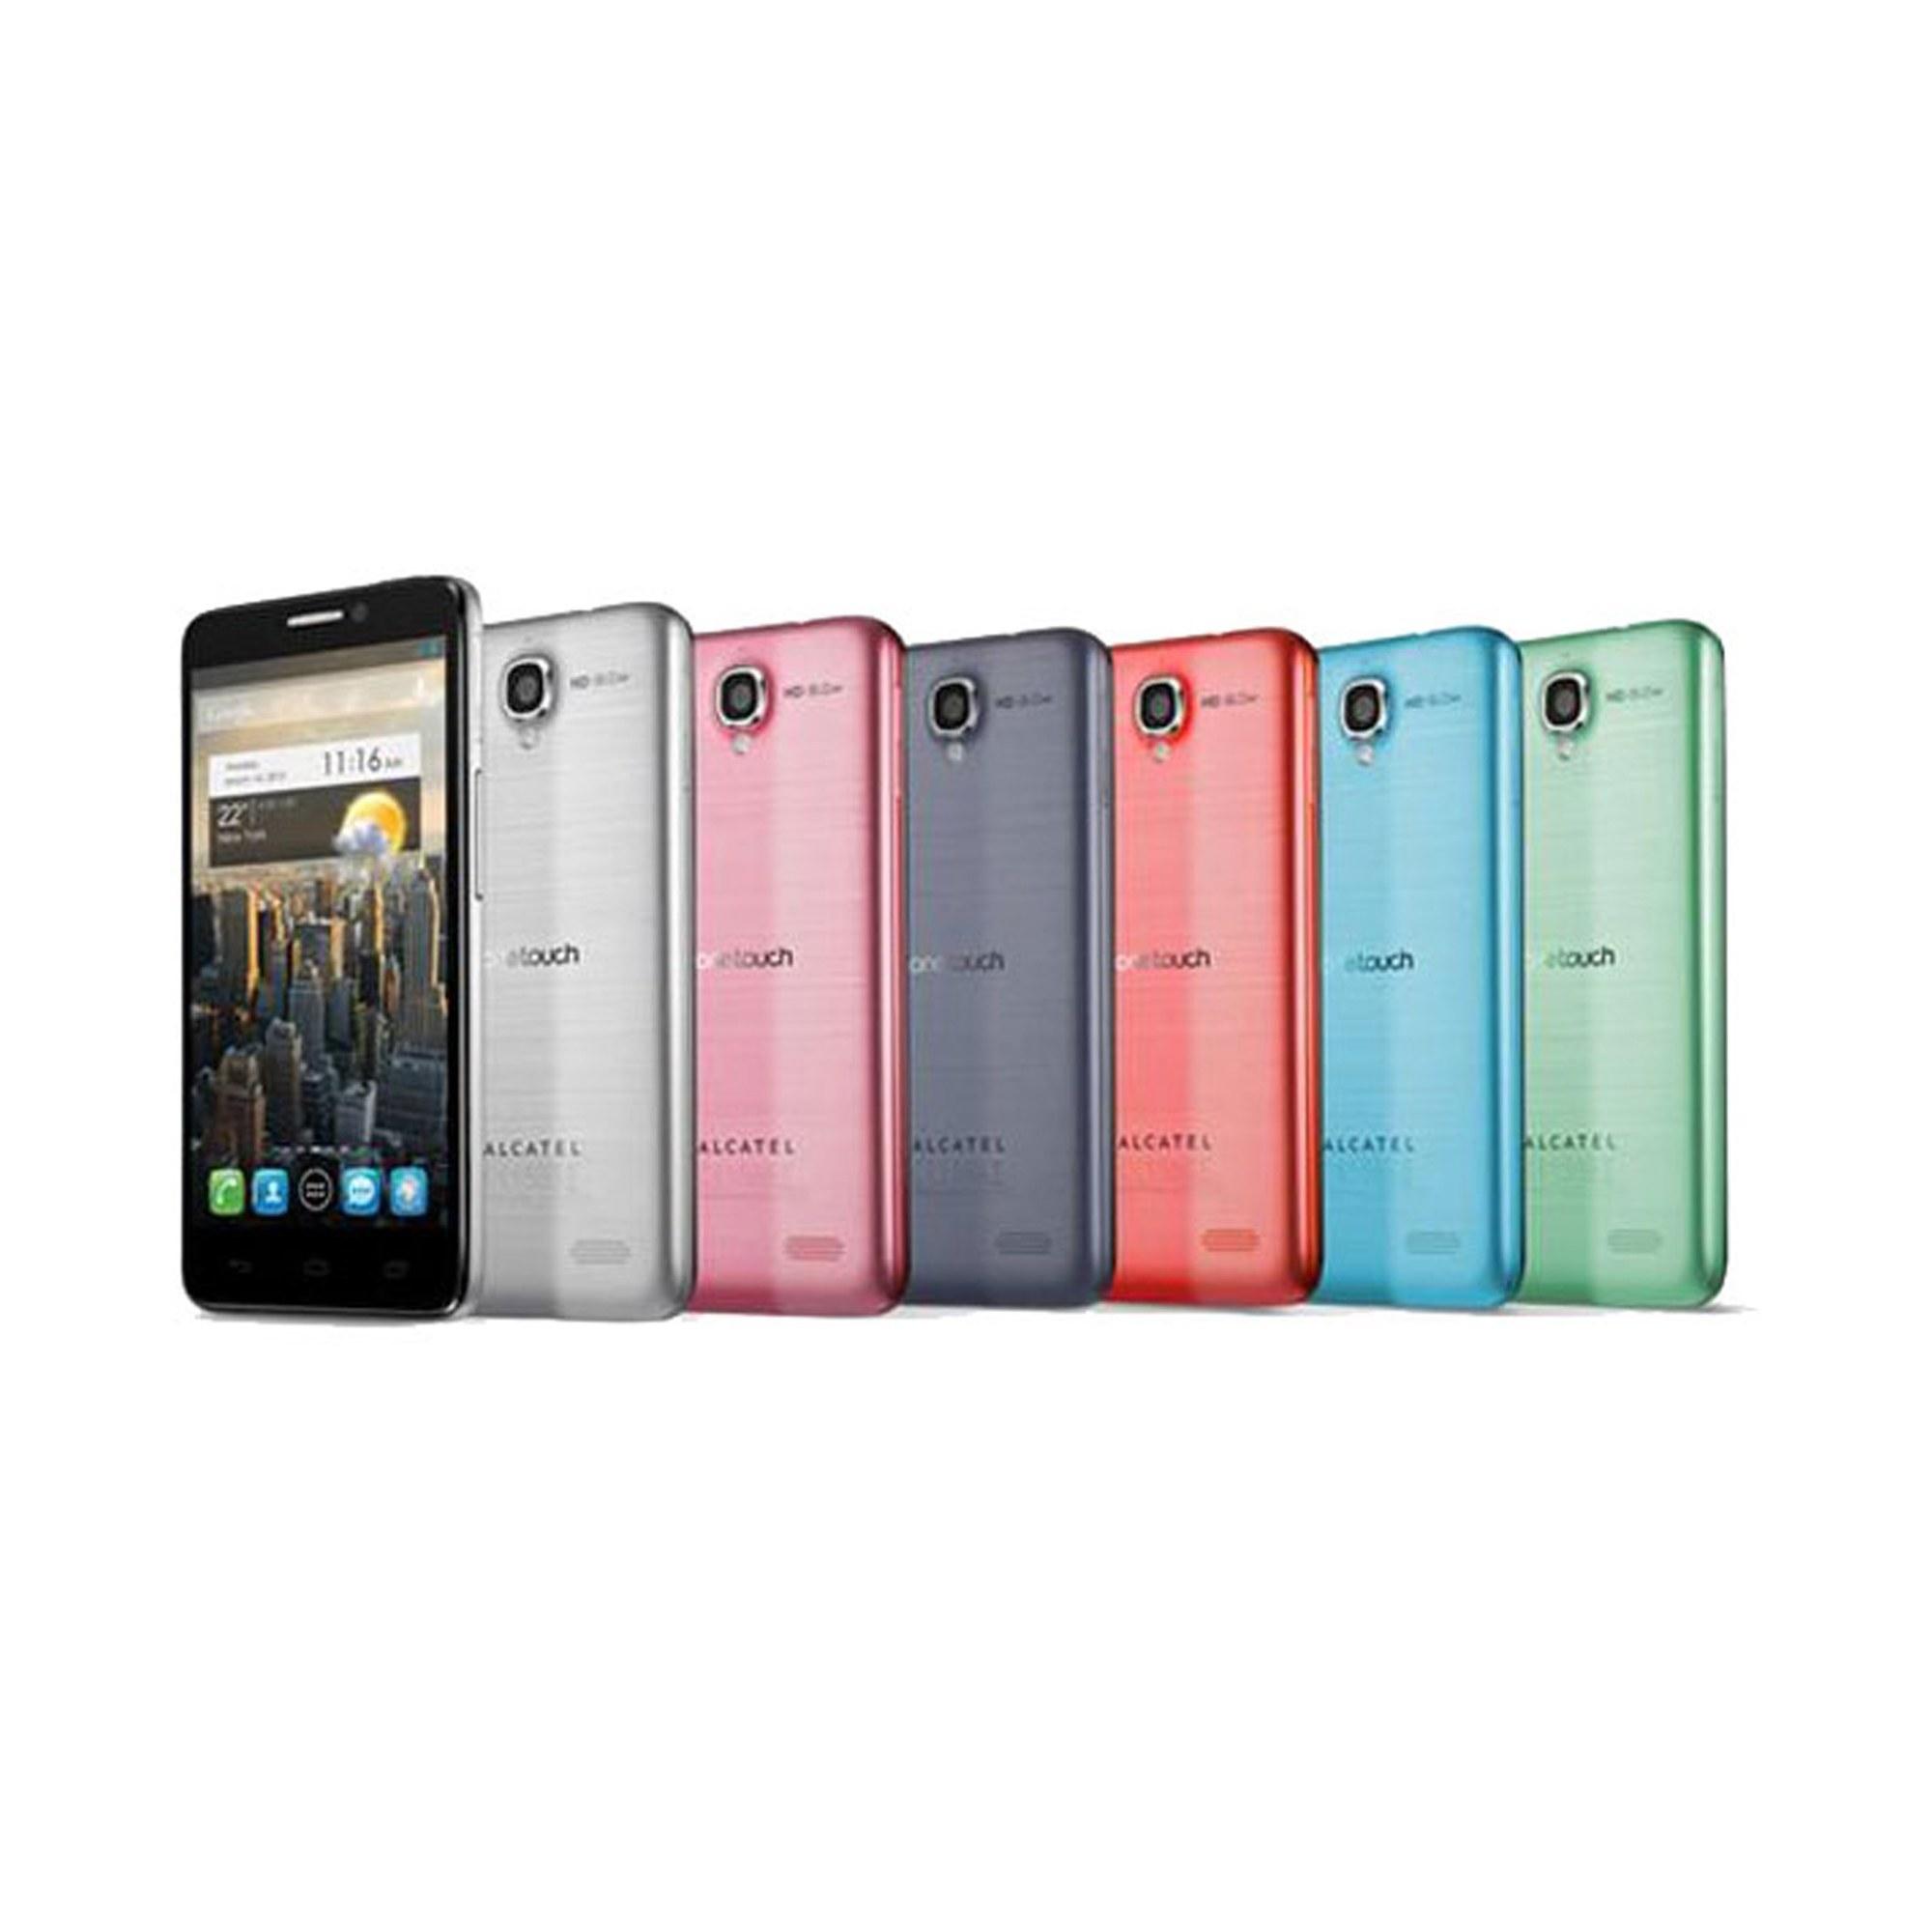 عکس Alcatel One Touch Idol 6037k – گوشی موبایل آلکاتل وان تاچ ایدل ۶۰۳۰ کی  alcatel-one-touch-idol-6037k-گوشی-موبایل-الکاتل-وان-تاچ-ایدل-6030-کی